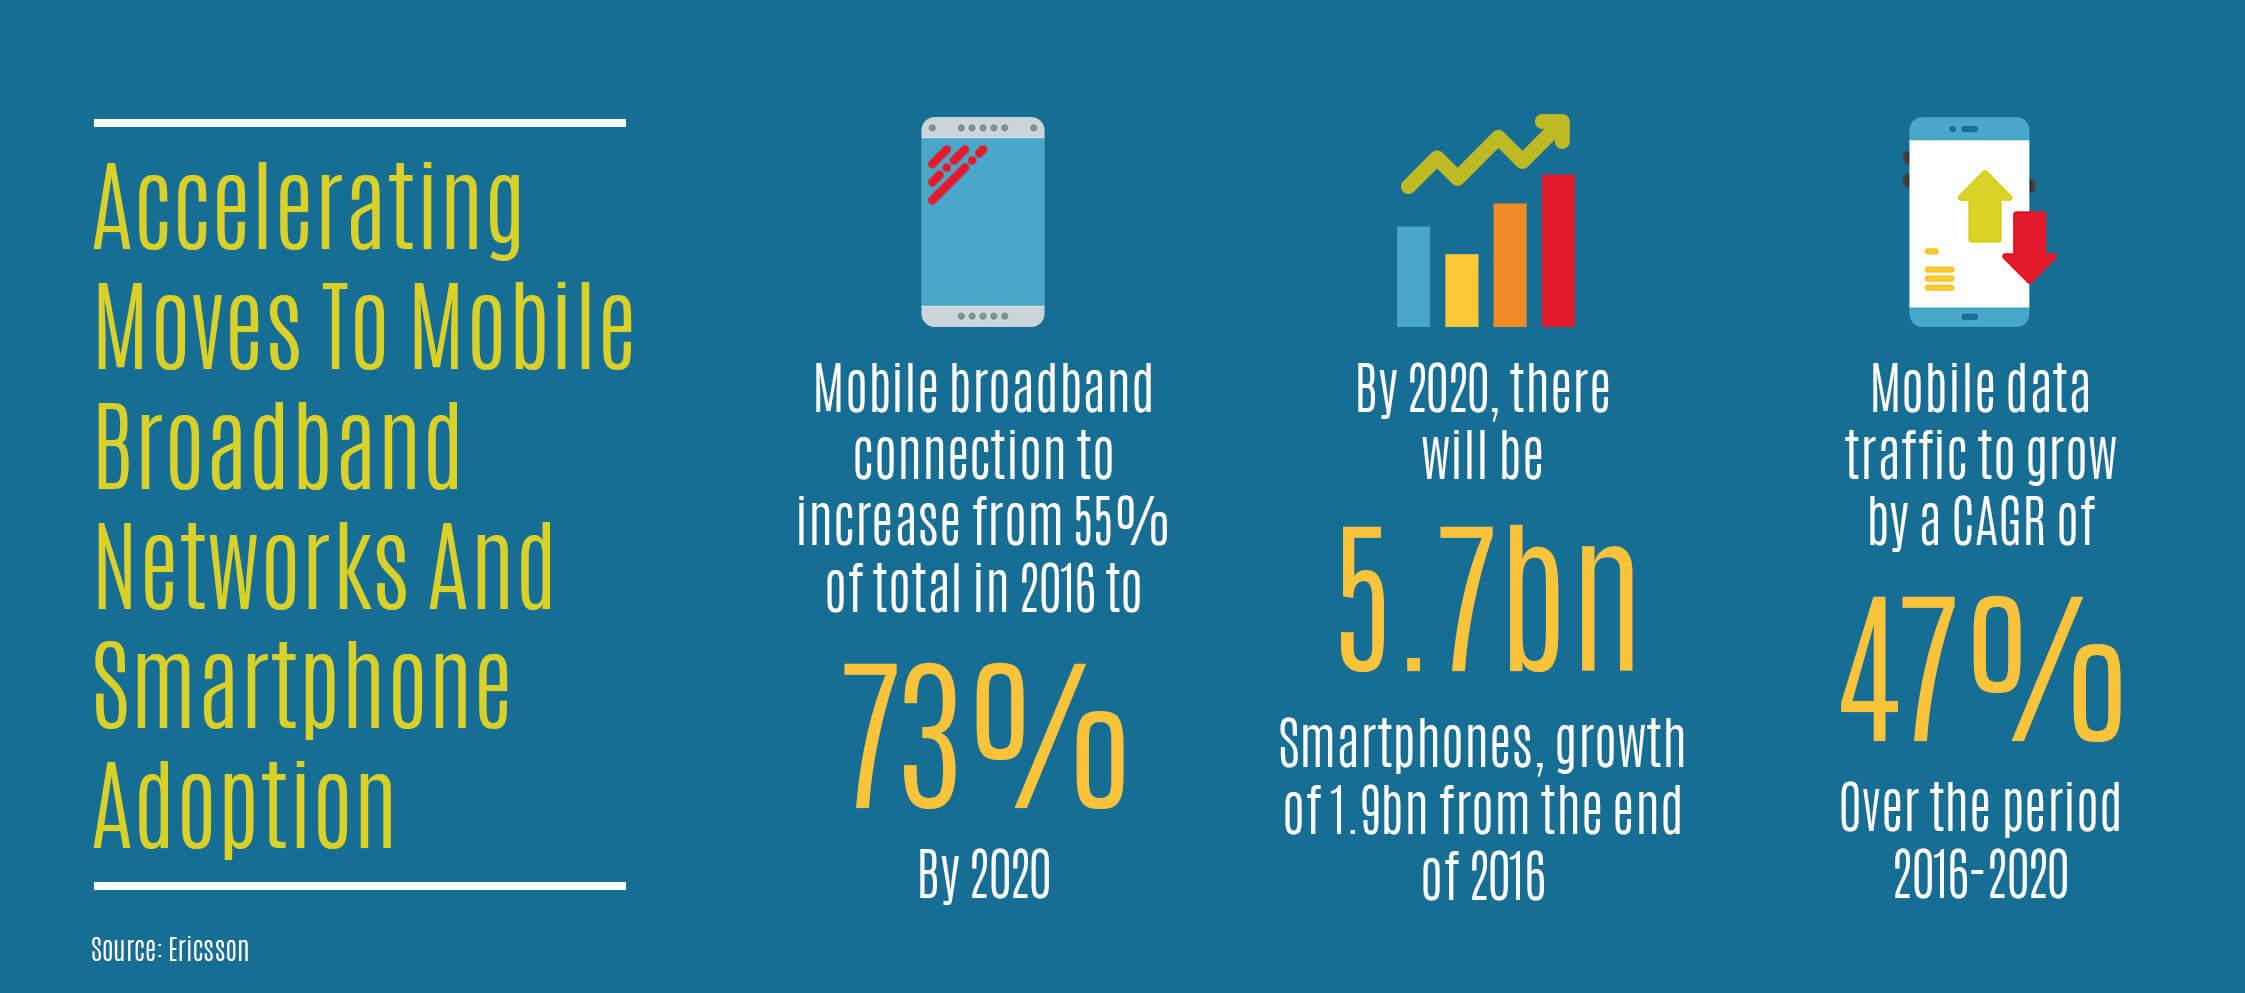 Tips for Telecom Companies